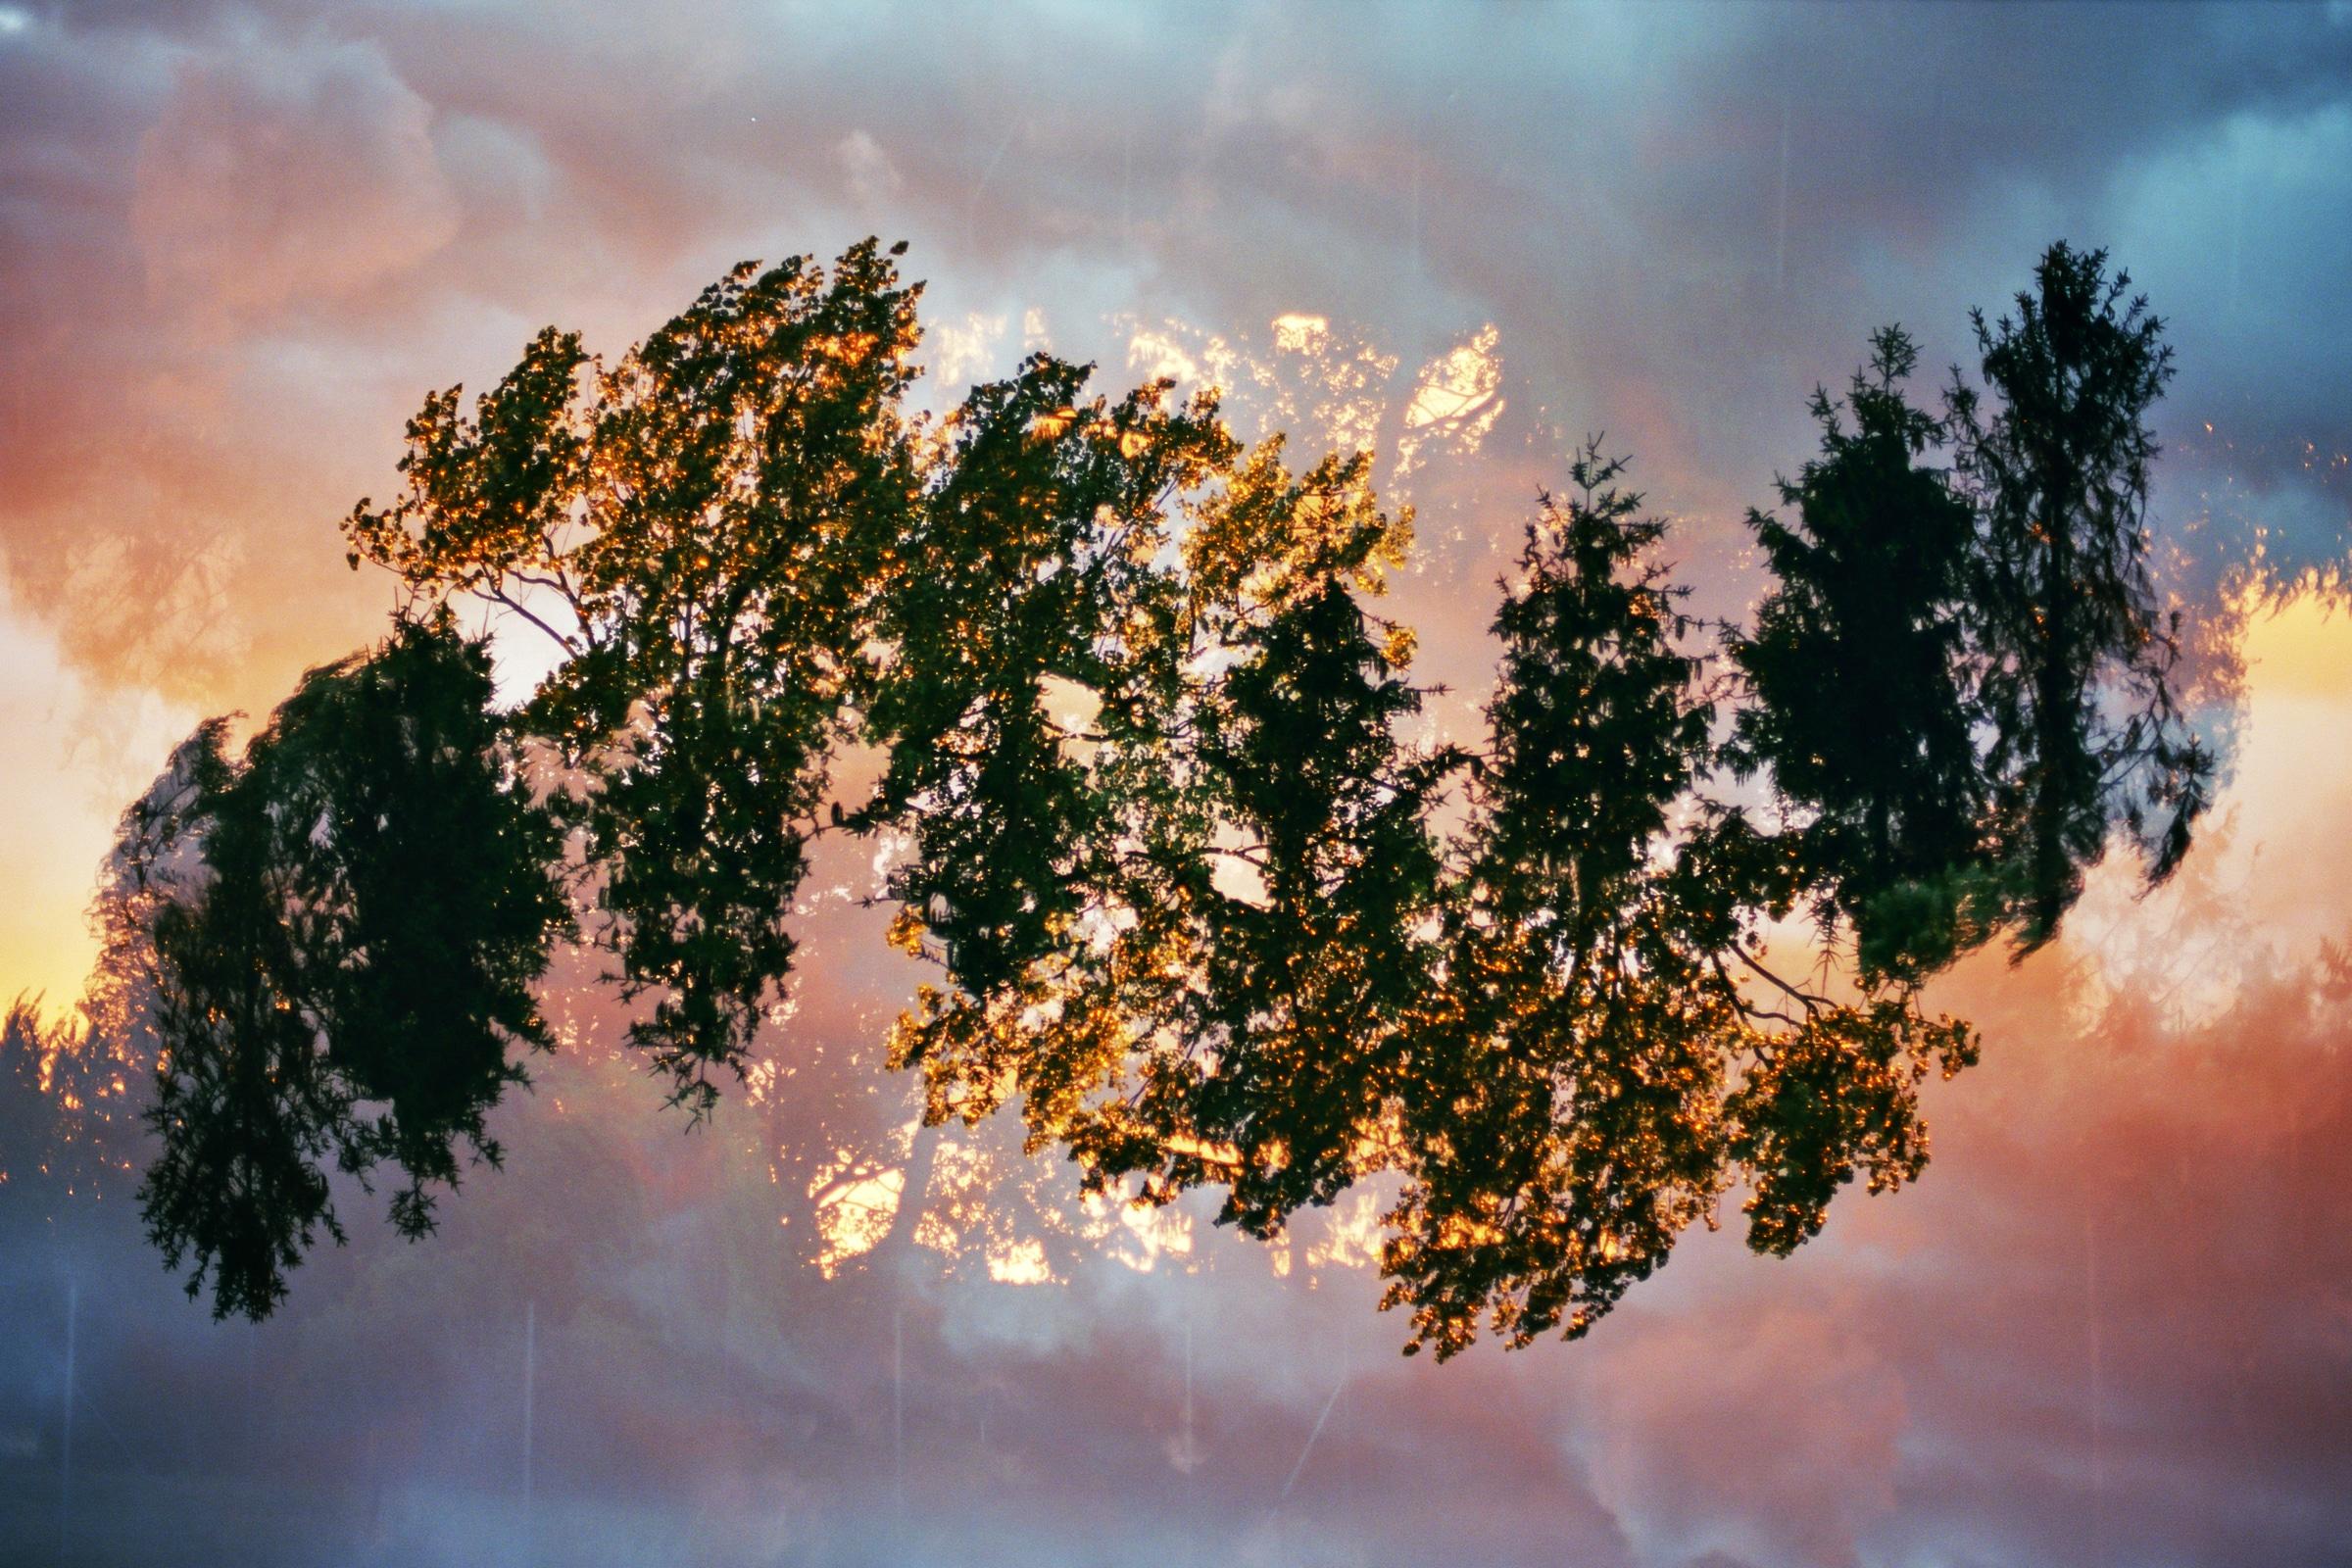 Mehrfachbelichtung von Baumkronen im Sonnenuntergang